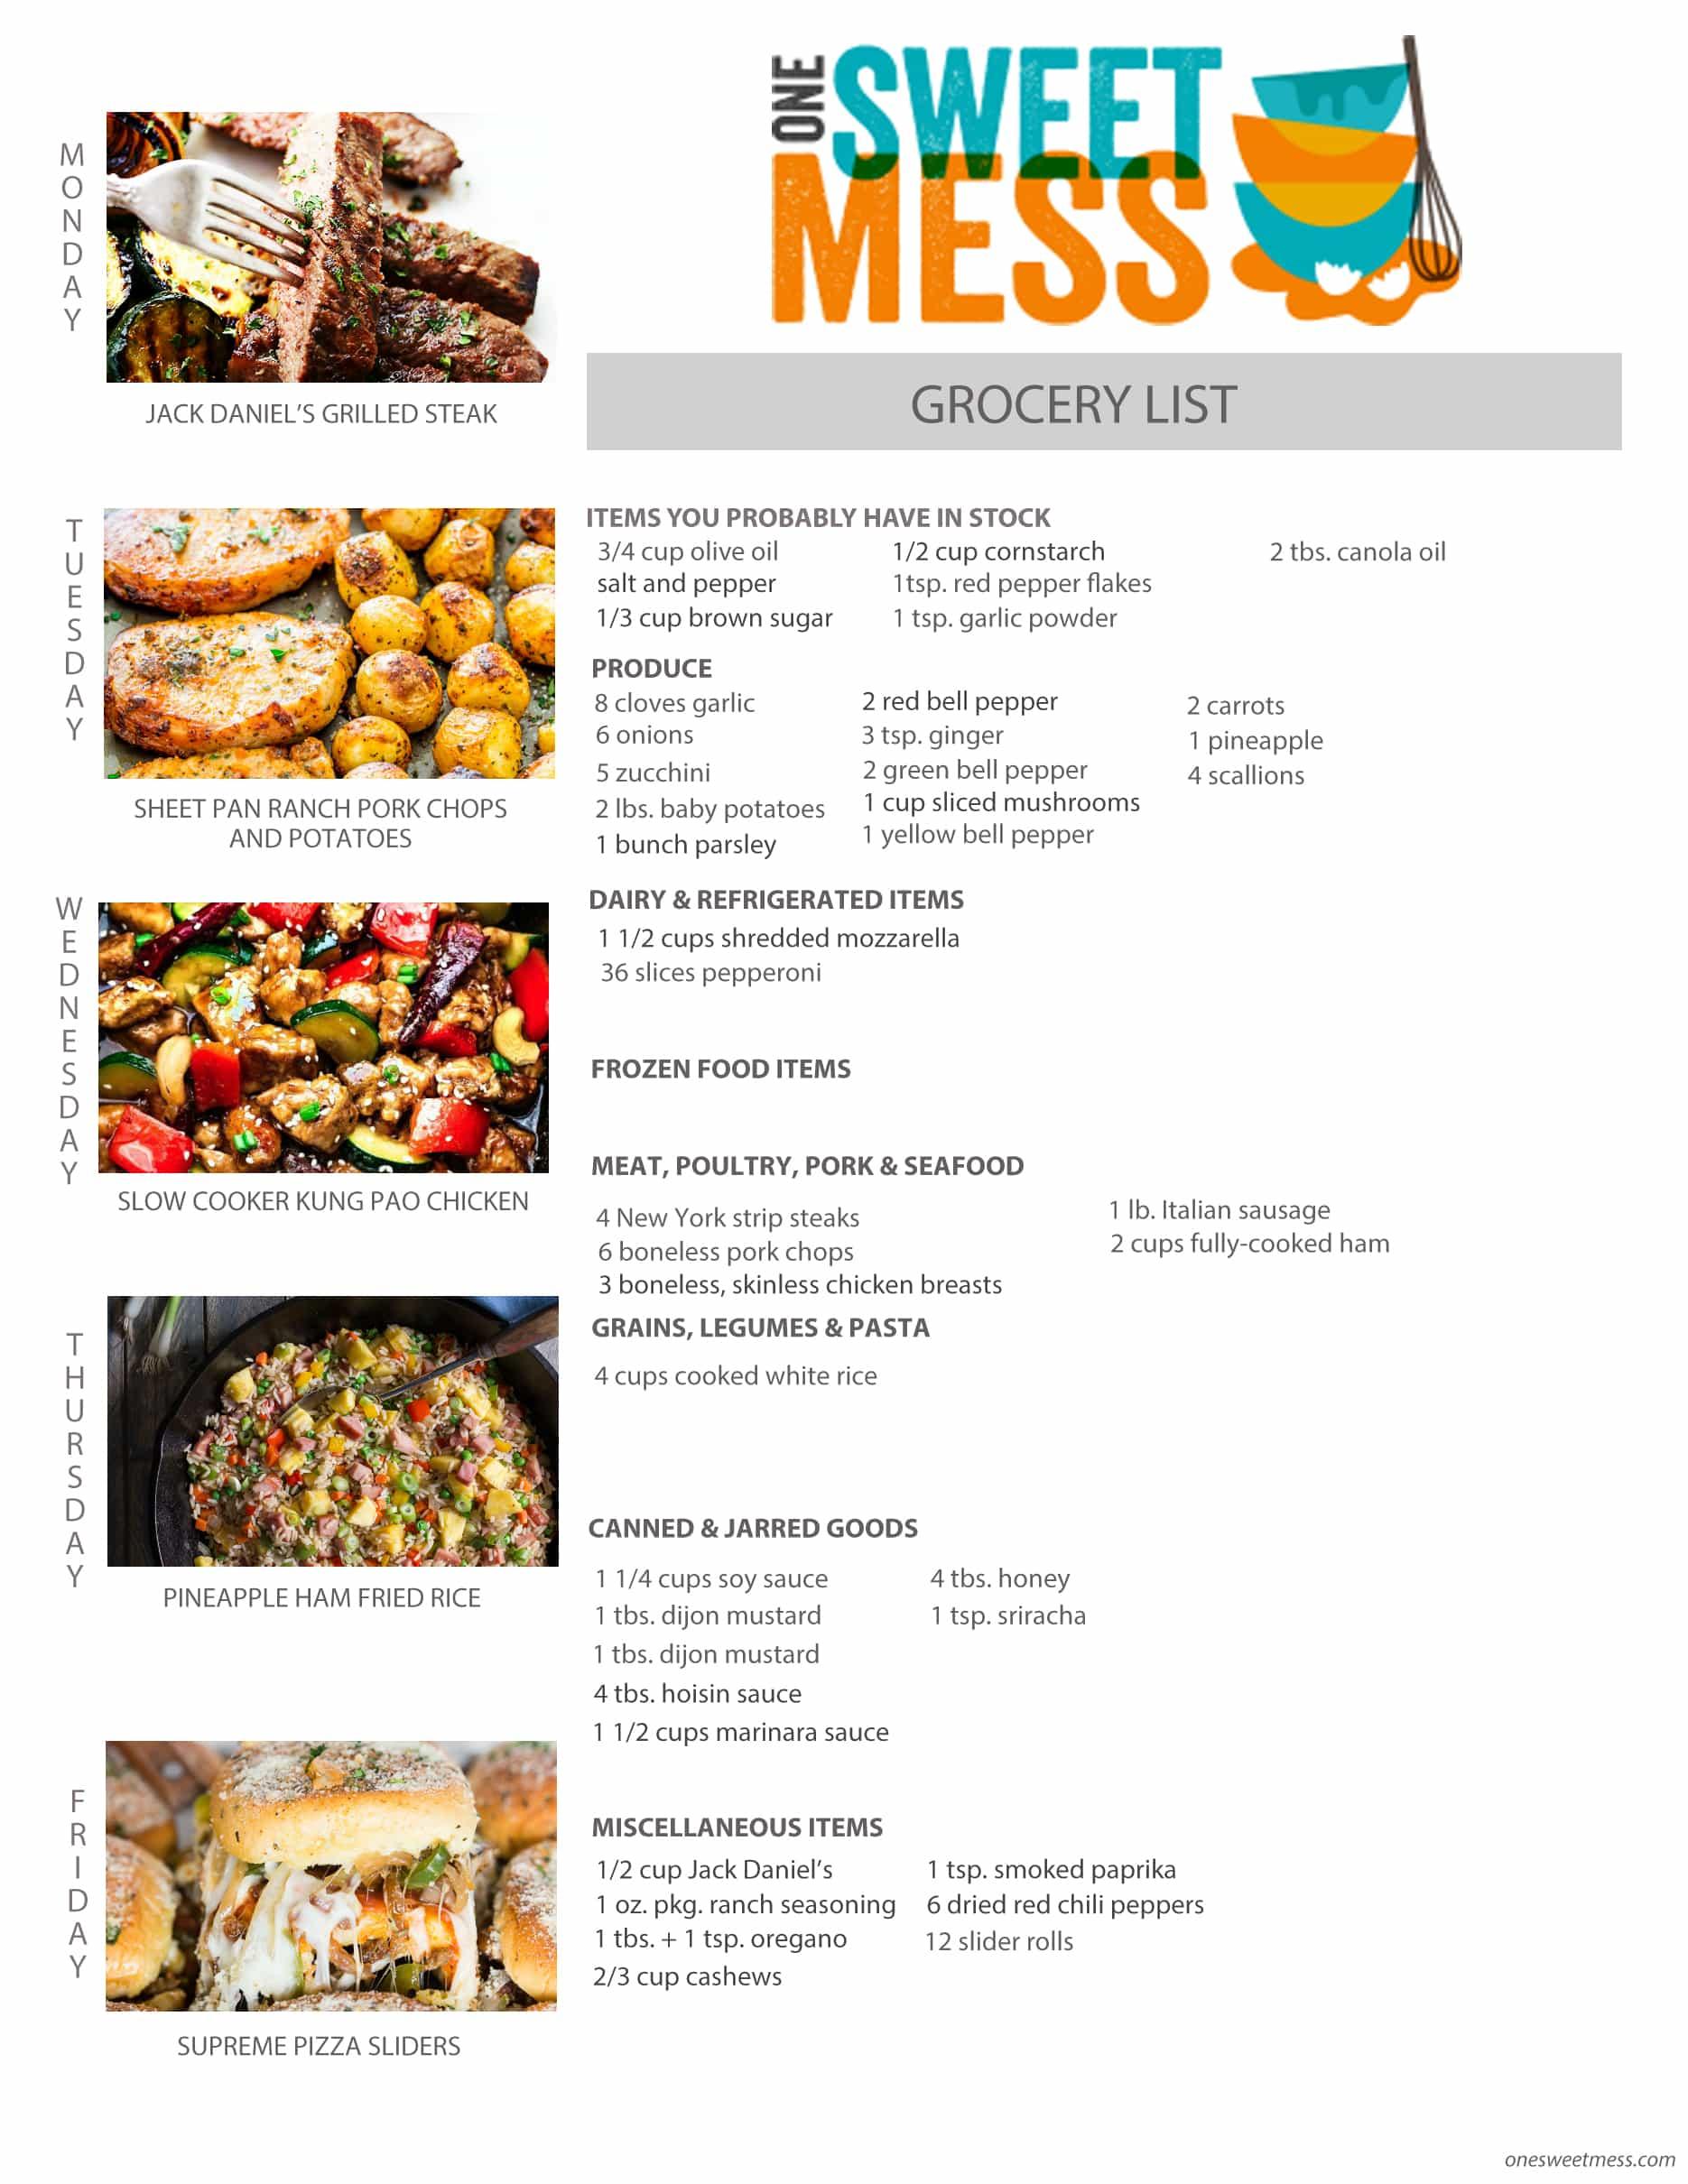 Week of April 24th, 2017 Weekly Meal Plan + Printable Grocery List